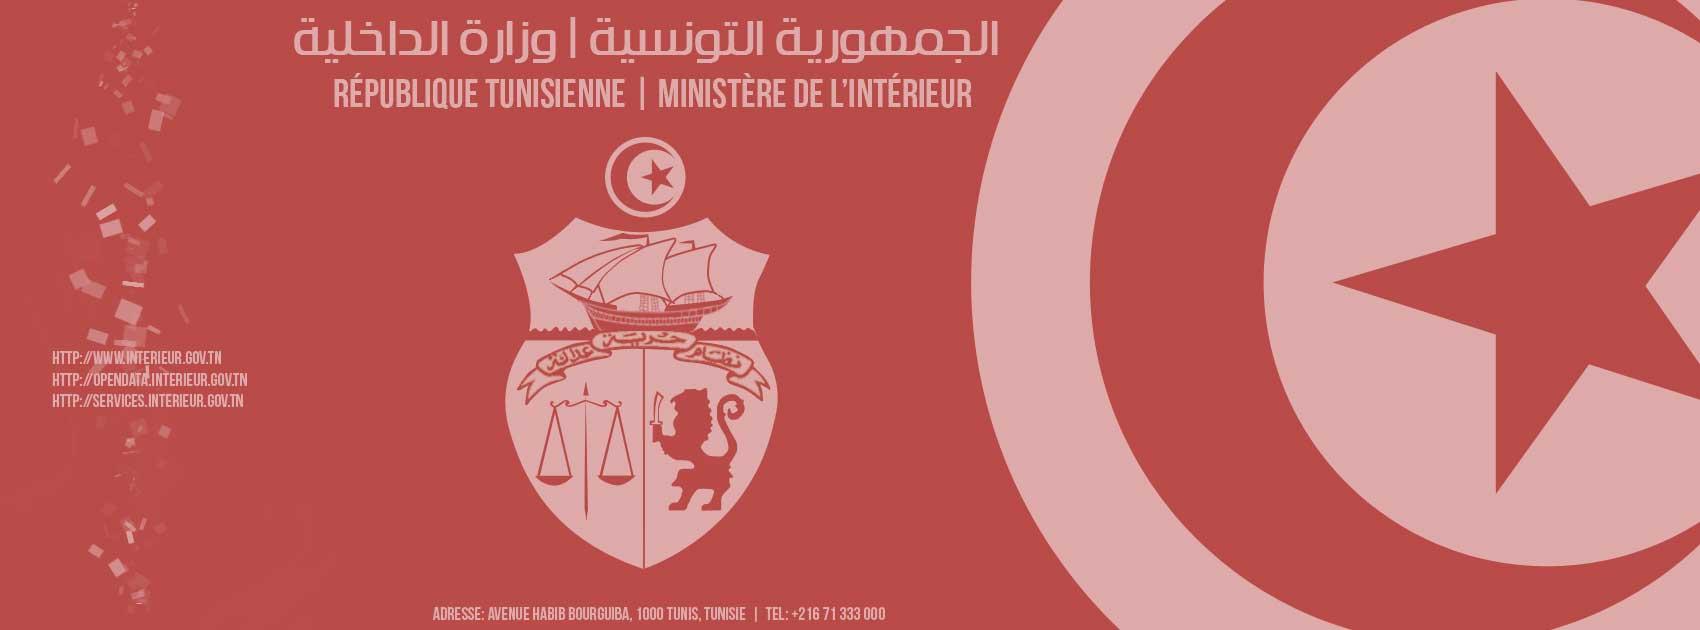 http://www.tunisienumerique.com/wp-content/uploads/inter1.jpg